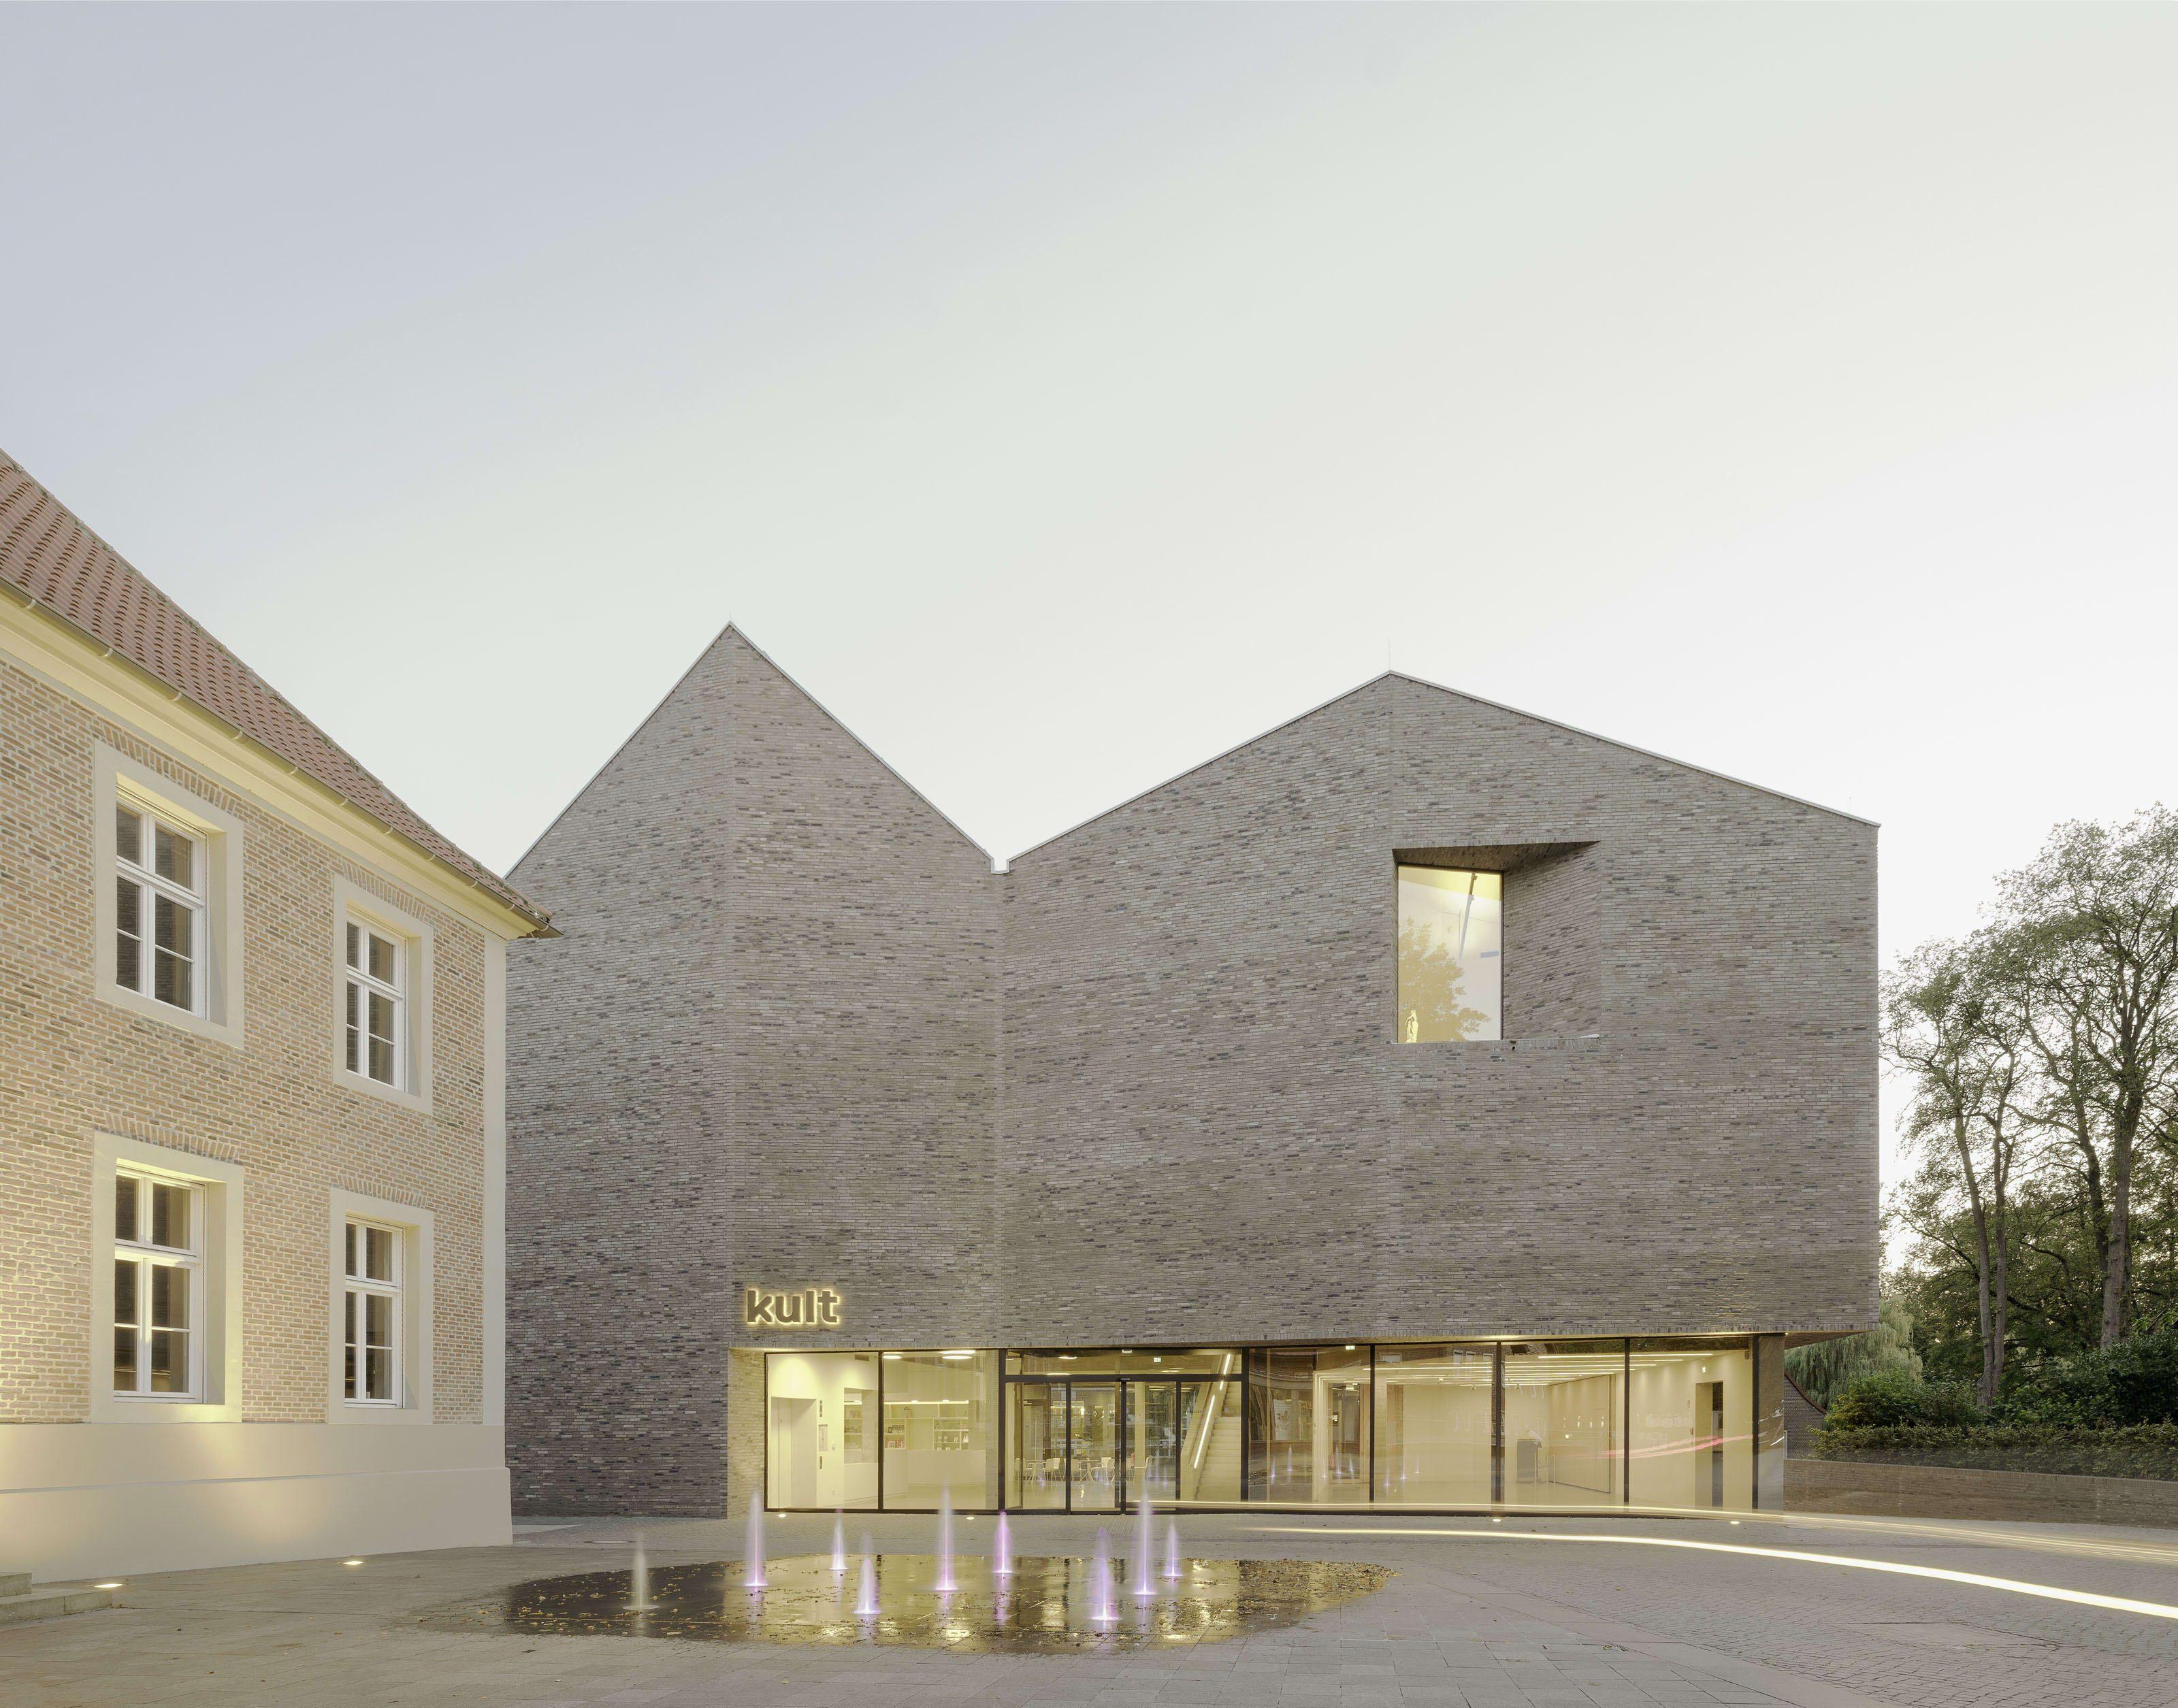 Architekt Emsdetten kult pool leber architekten vreden germany 01 01 modern